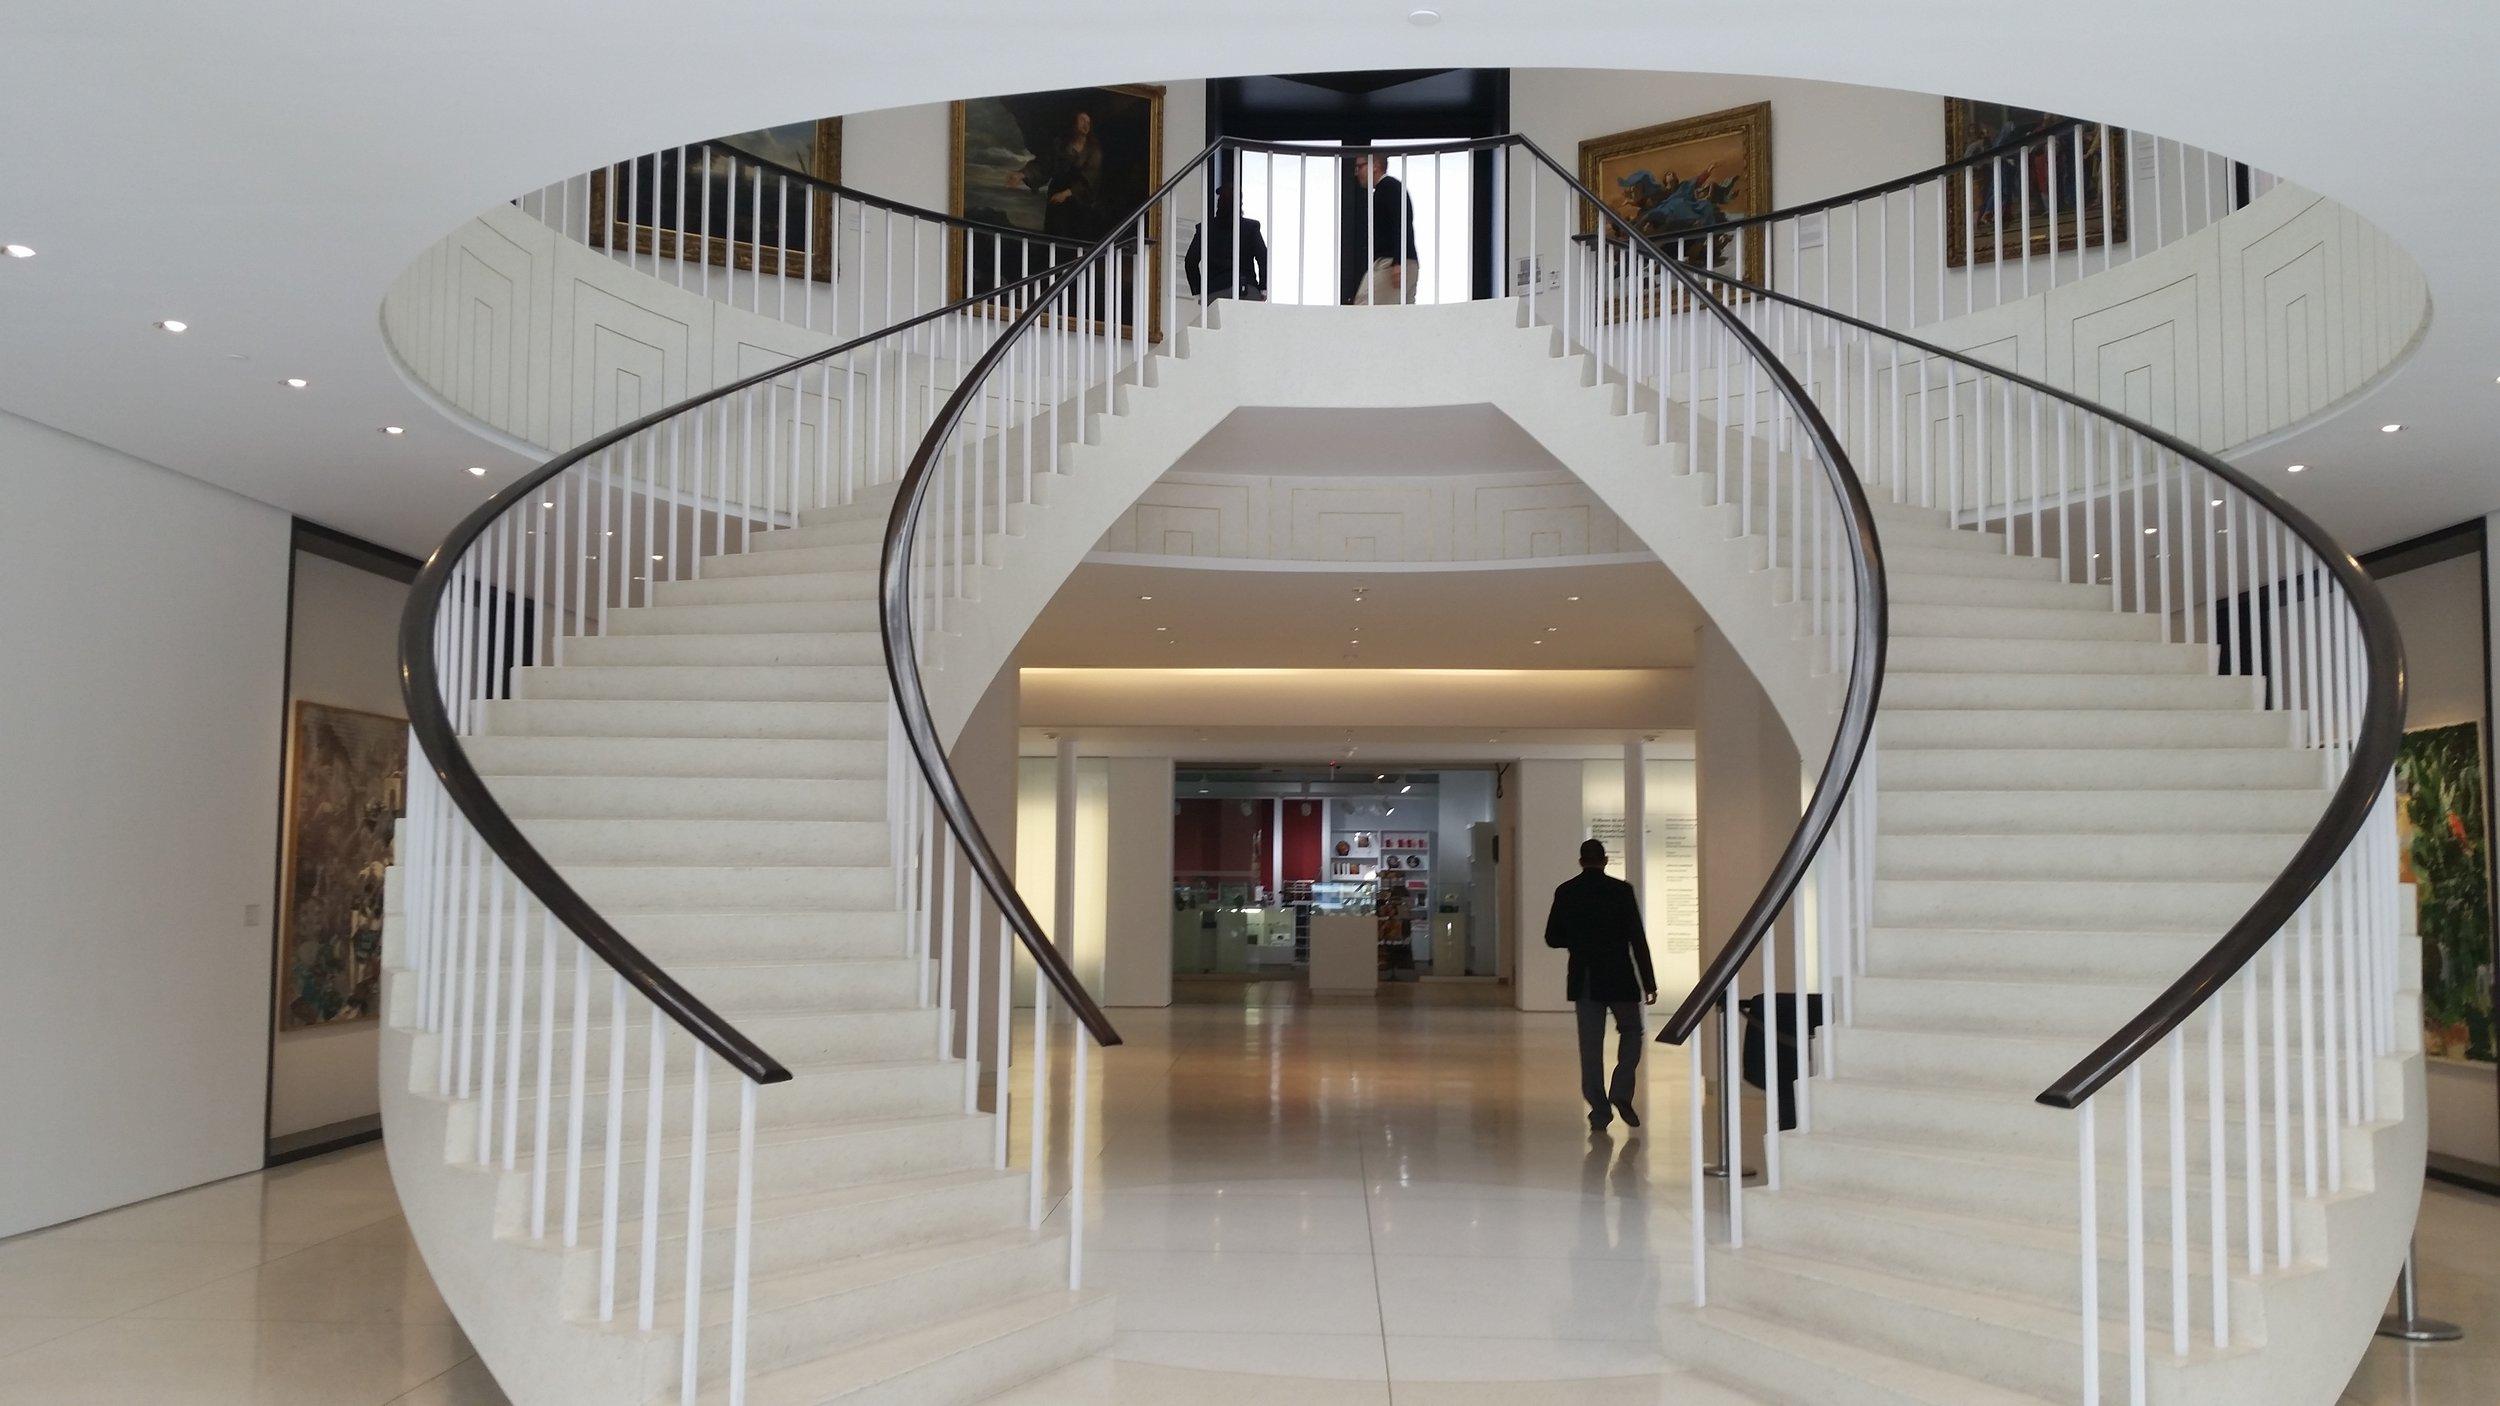 the entrance to the museo de arte